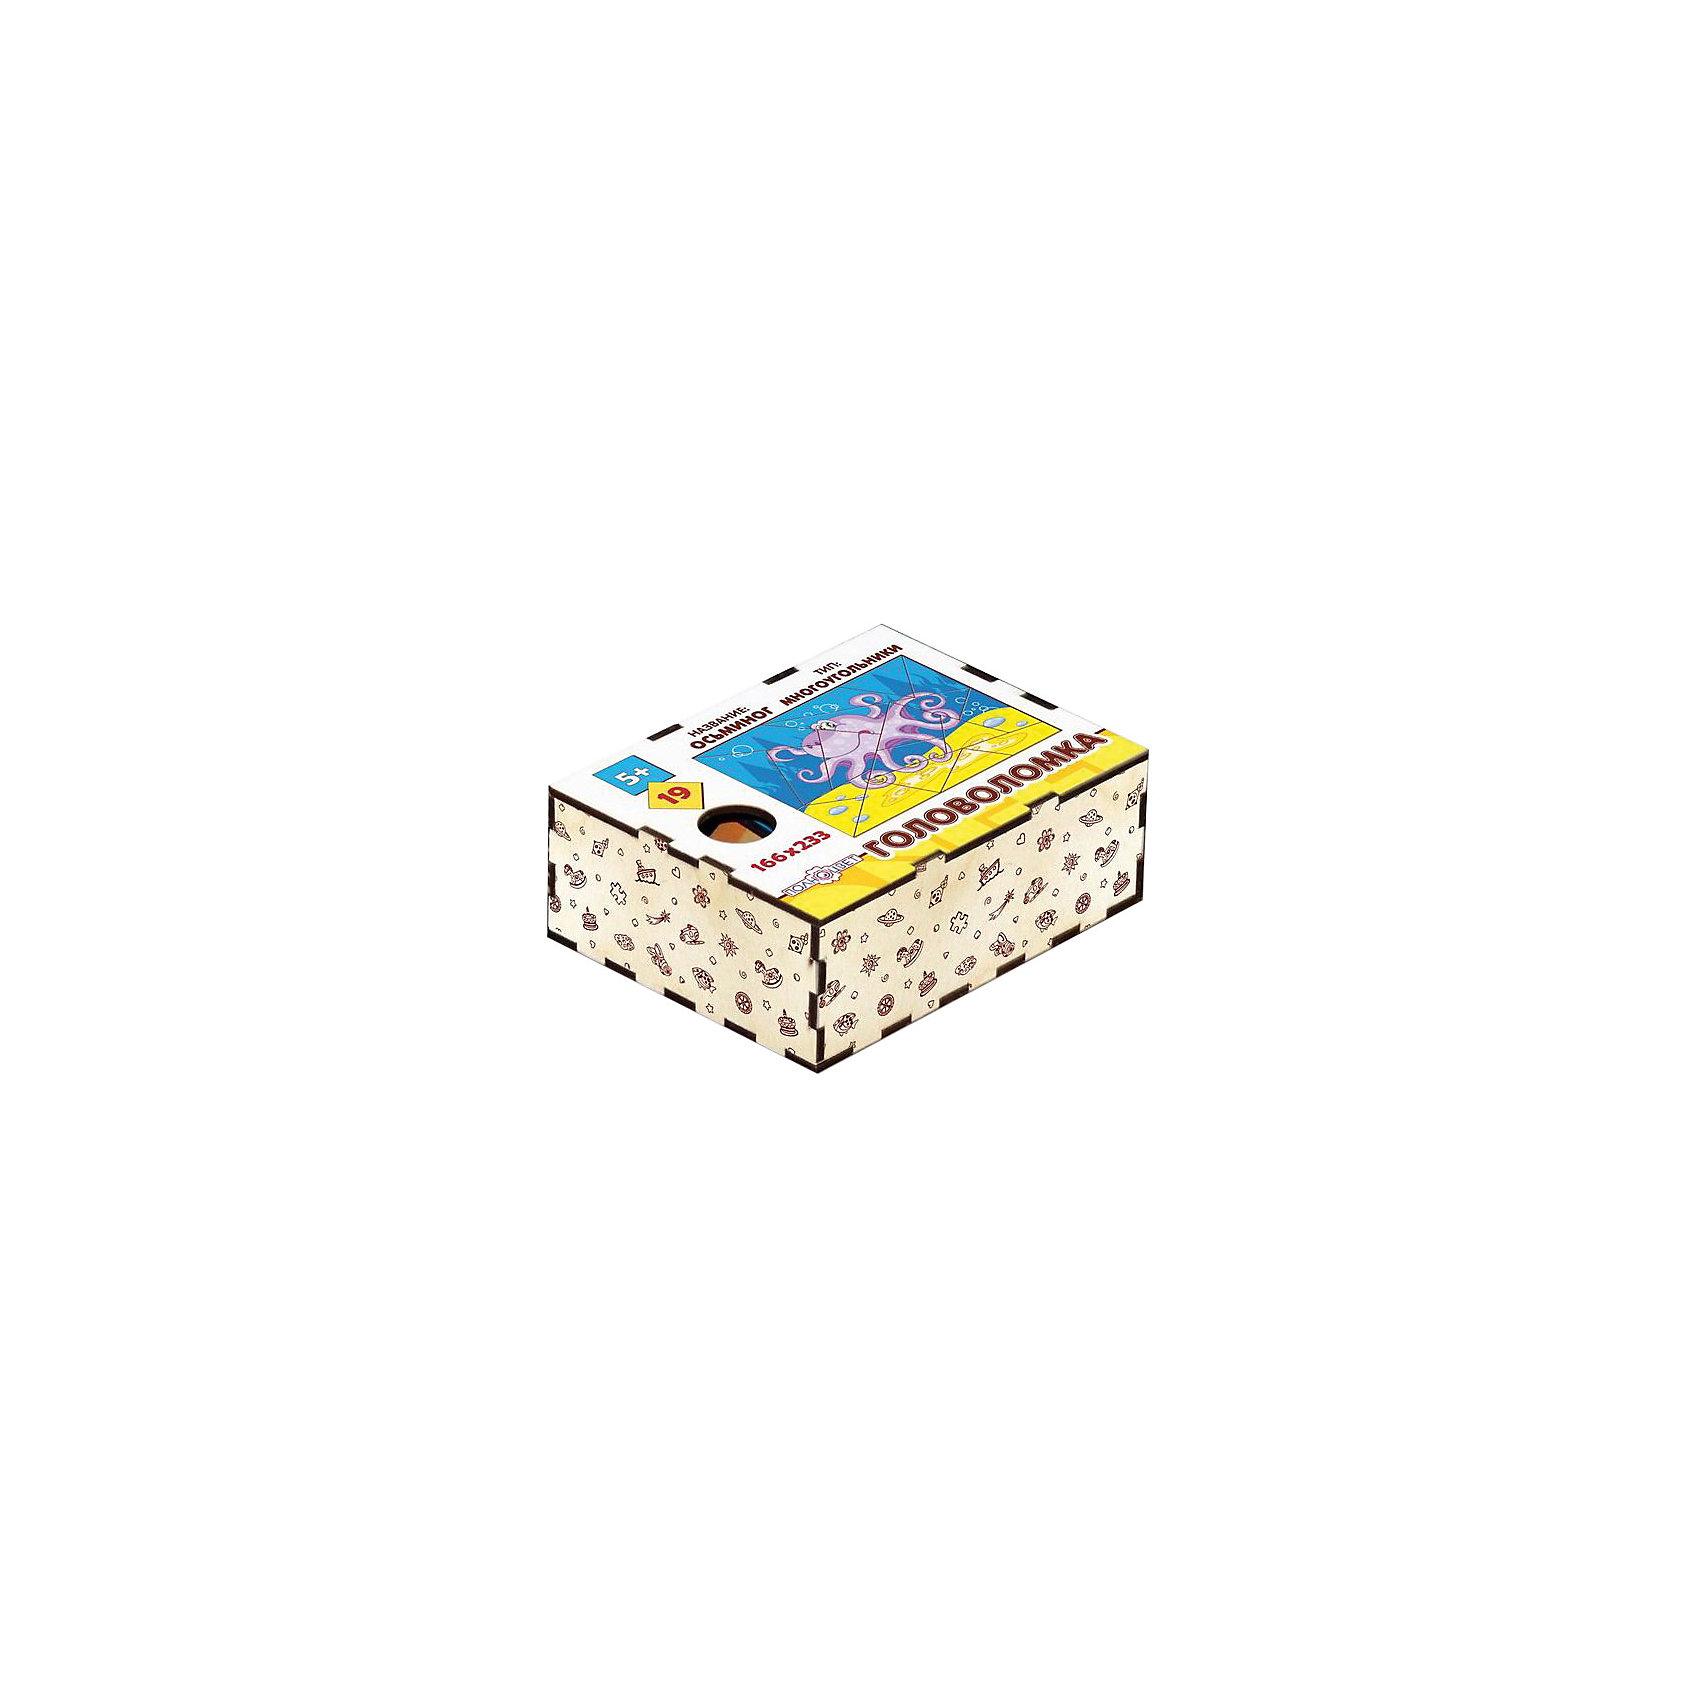 Головоломка Многоугольники. Осьминог, ПолноцветДеревянные головоломки<br>Деревянные головоломки с высококачественной печатью. Высокий срок службы и устойчивость к нагрузкам.  Рекомендовано для детских садов и центров, а также для домашнего использования.<br>1.    Головоломки сделаны из натурального дерева.<br>2.    Точная лазерная резка.<br>3.    Высококачественная печать.<br>4.    Прочность и долговечность.<br>5.    Экологичность и безопасность.<br>6.    Рекомендовано для детского развития. Размер: 166х233х3мм<br><br>Ширина мм: 30<br>Глубина мм: 230<br>Высота мм: 170<br>Вес г: 150<br>Возраст от месяцев: 36<br>Возраст до месяцев: 2147483647<br>Пол: Унисекс<br>Возраст: Детский<br>SKU: 7025969